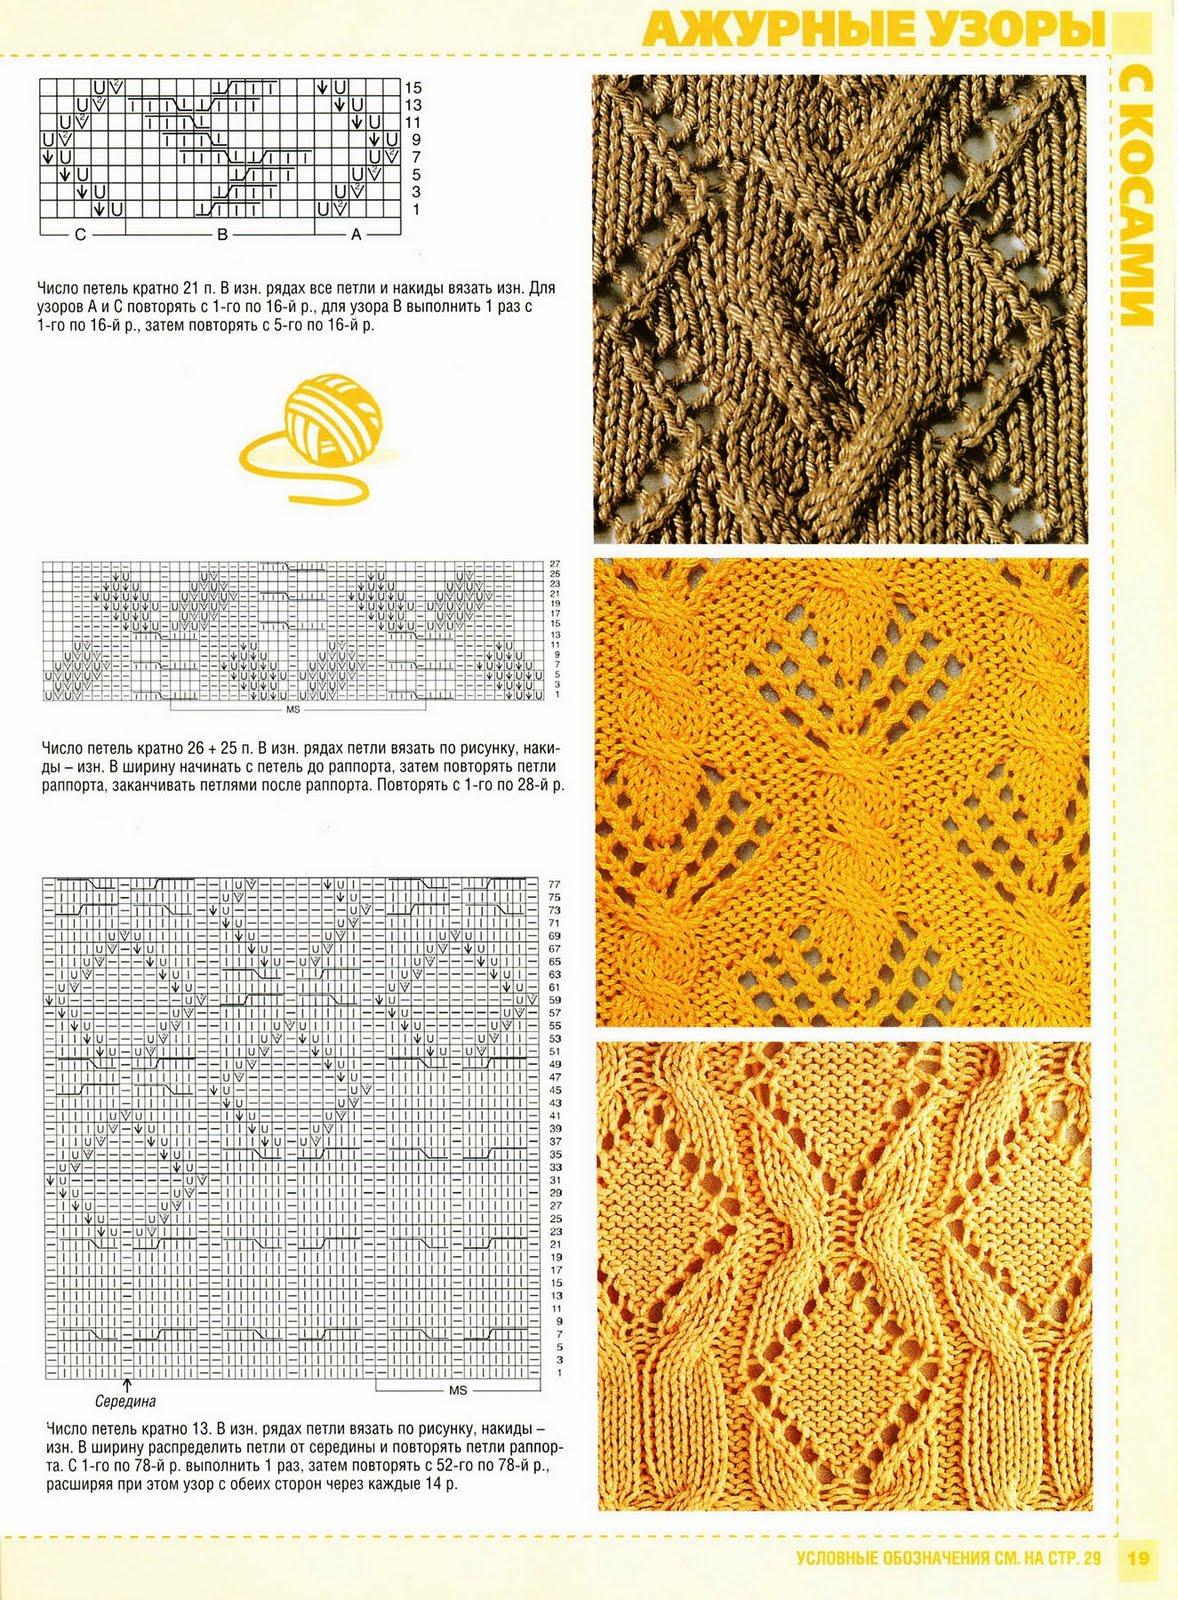 Узоры вязания спицами - Результаты из #130 55